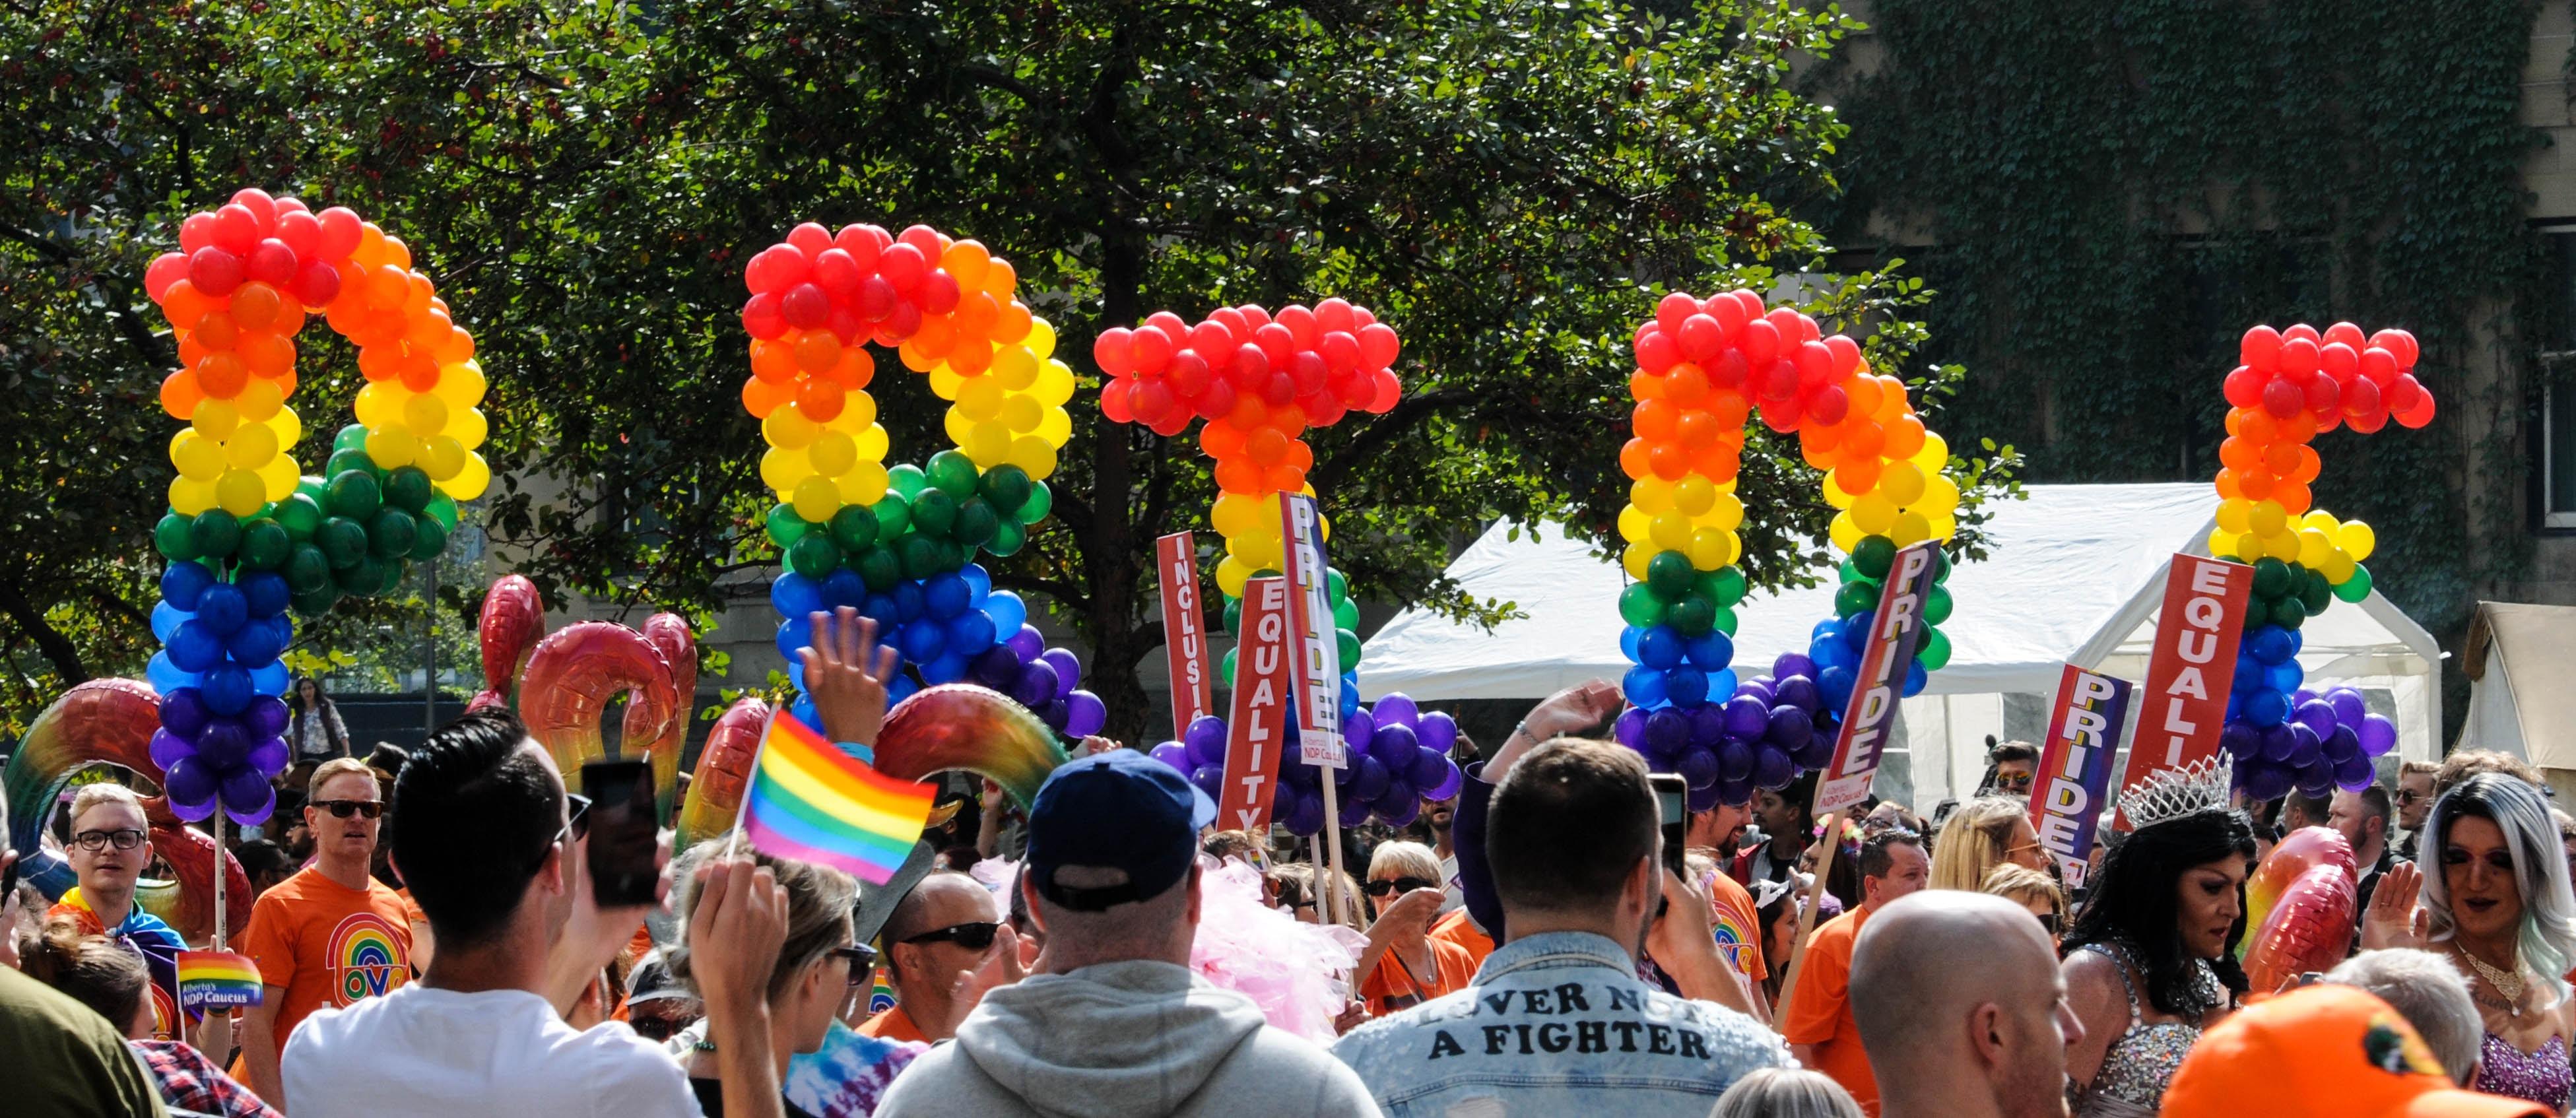 pride, parade, gay, lgbt